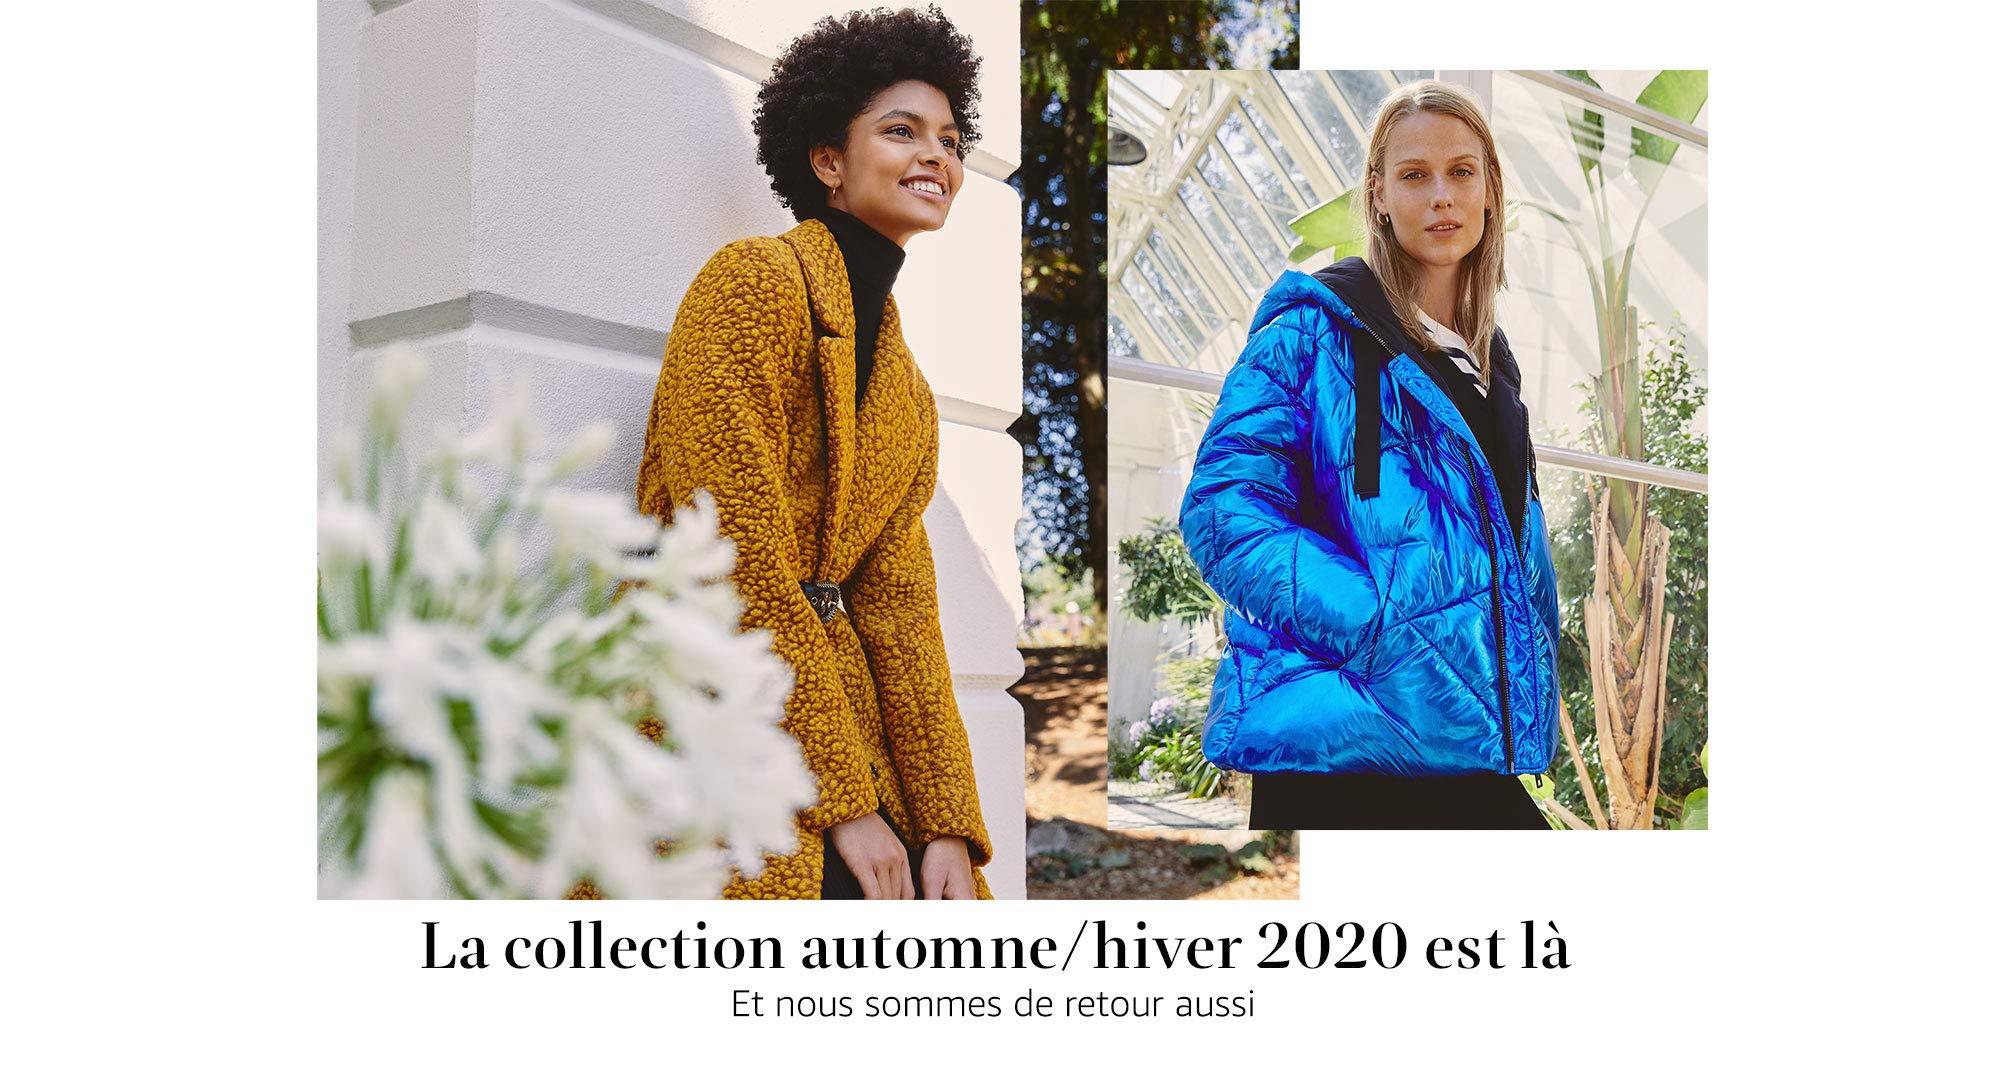 La collection automne/hiver 2020 est là